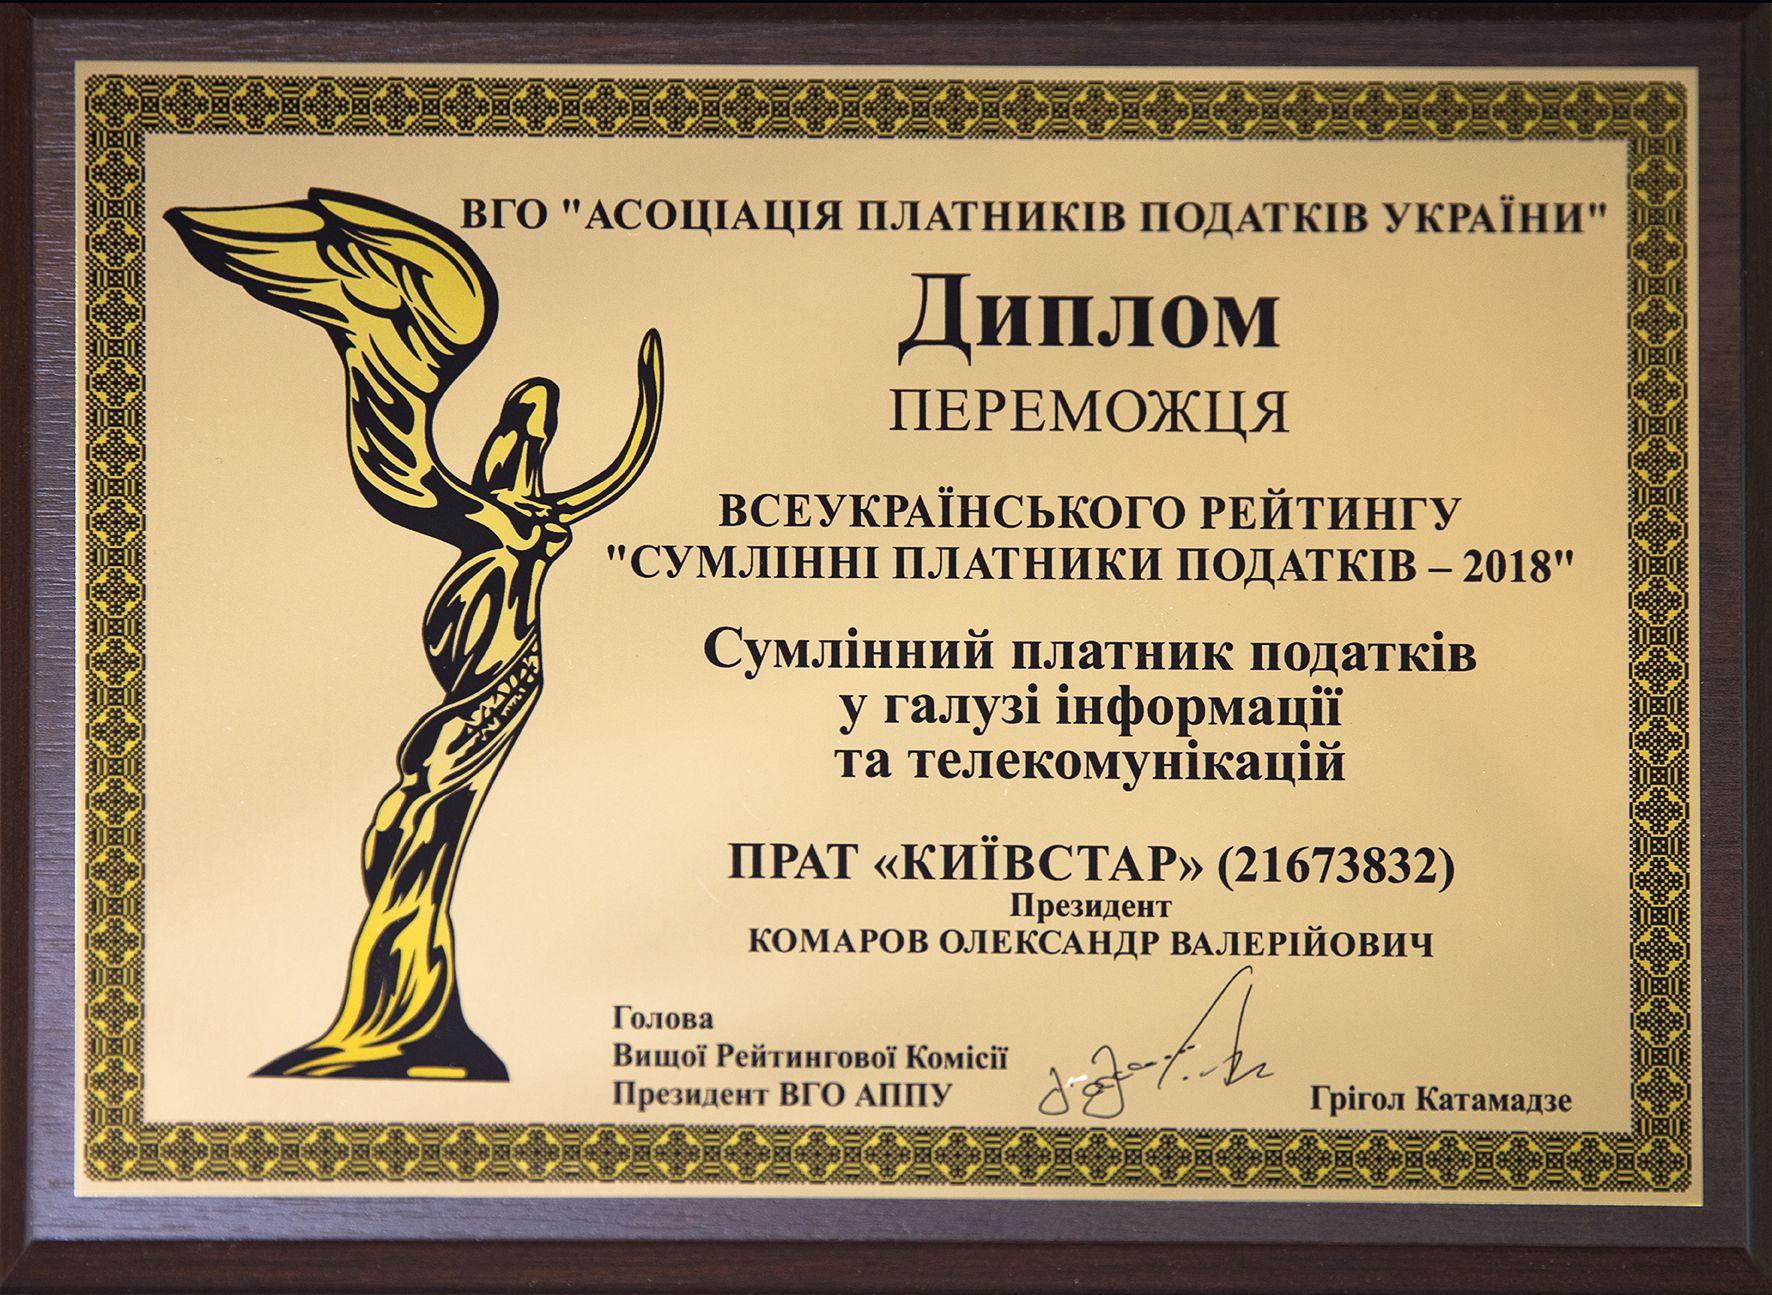 Киевстар получил Диплом